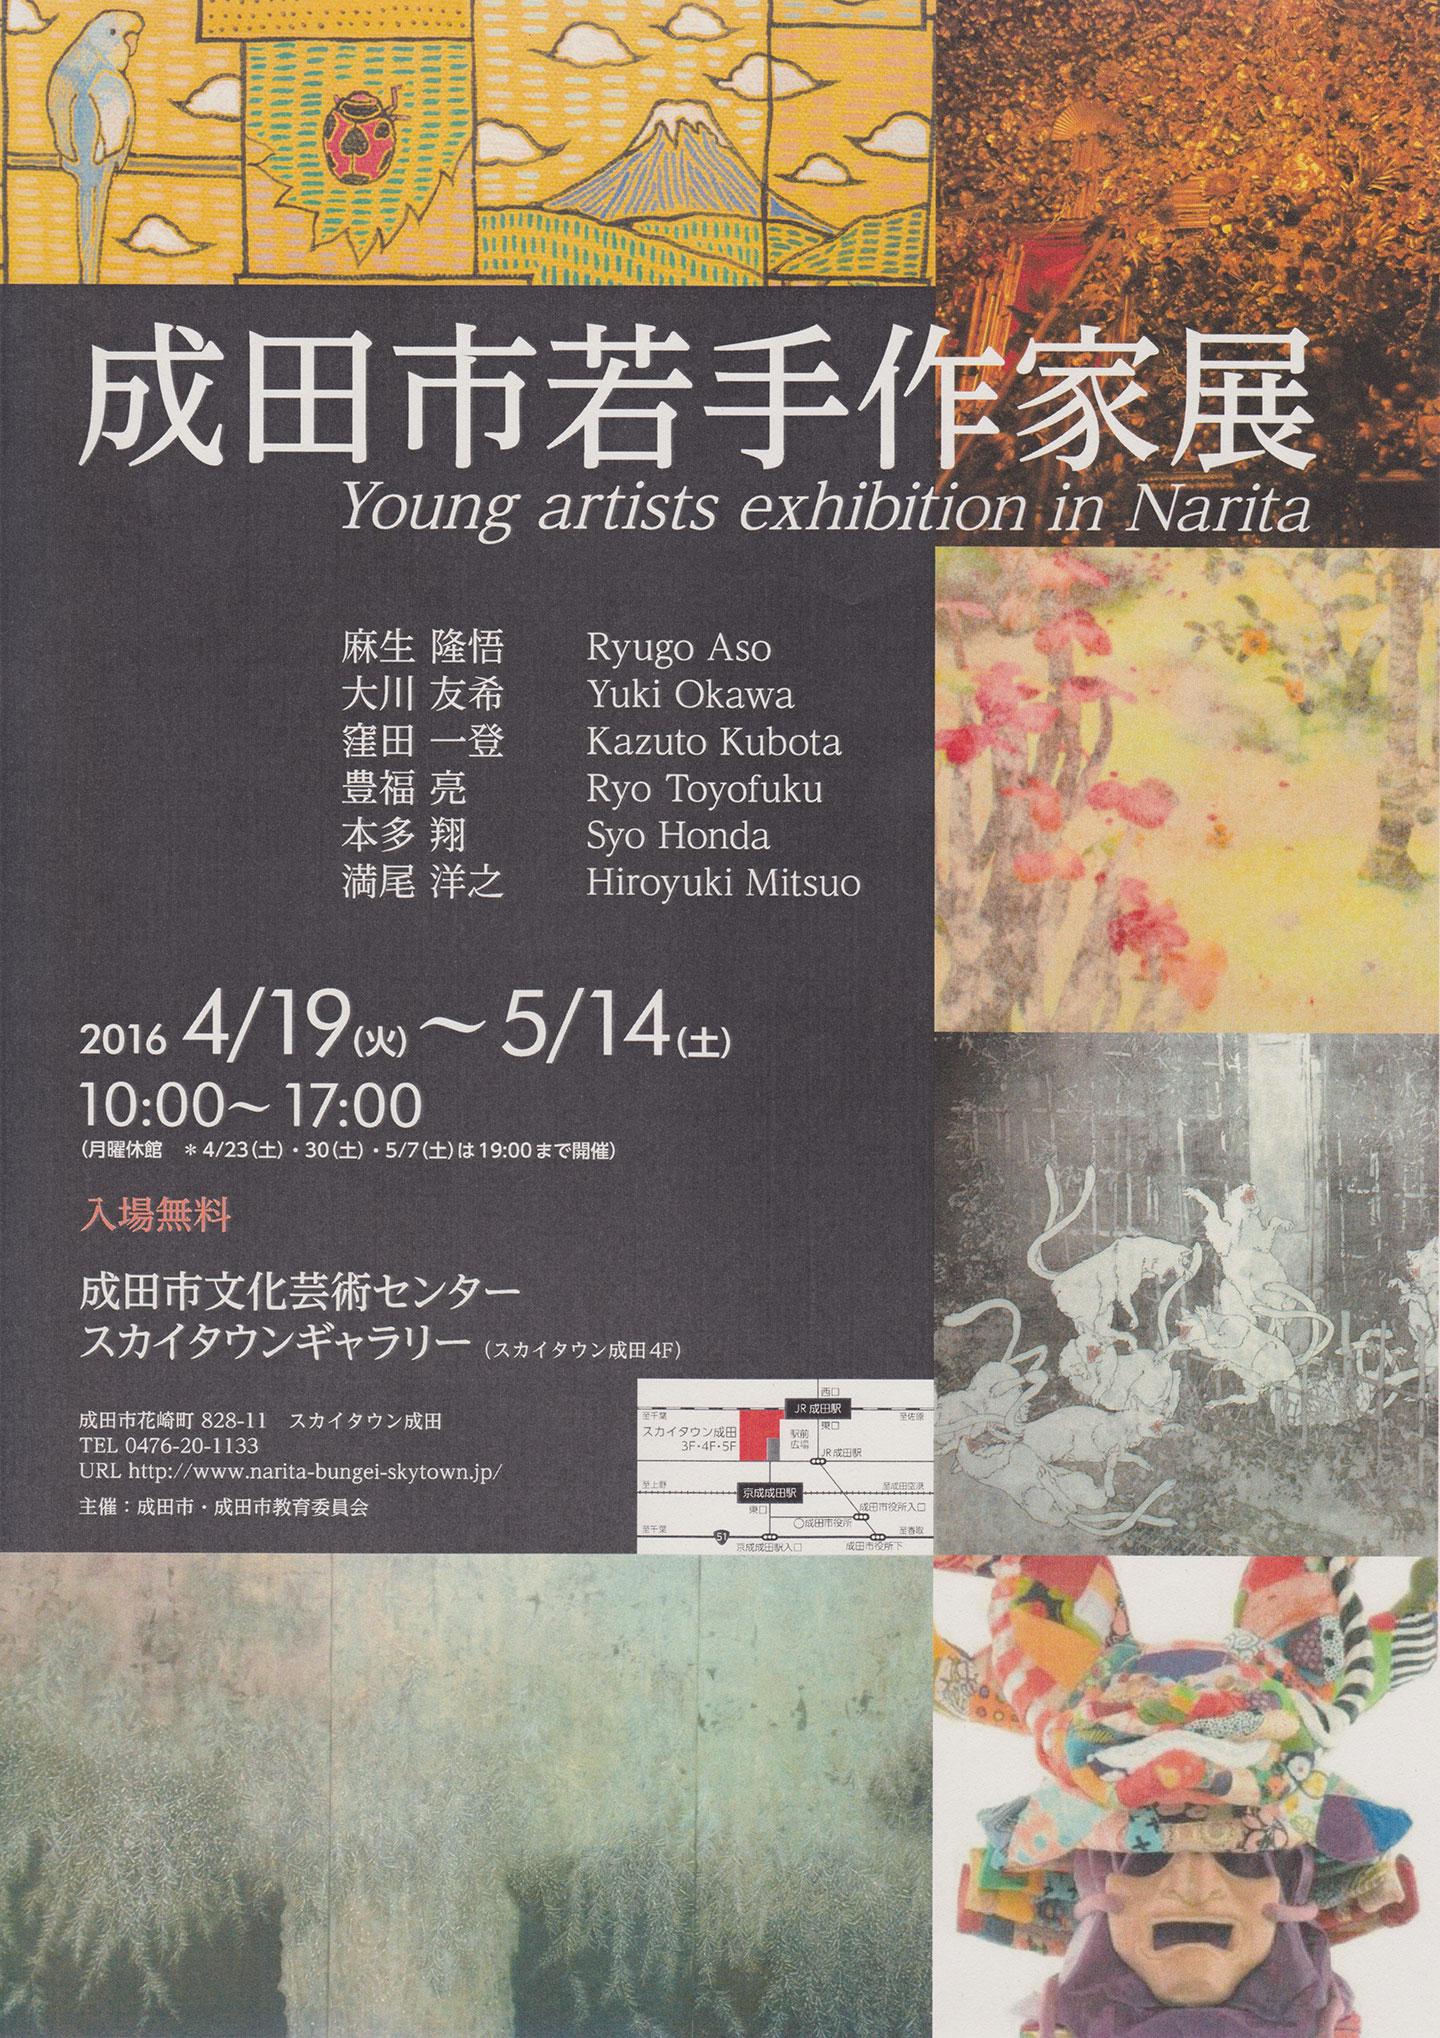 成田市若手作家展